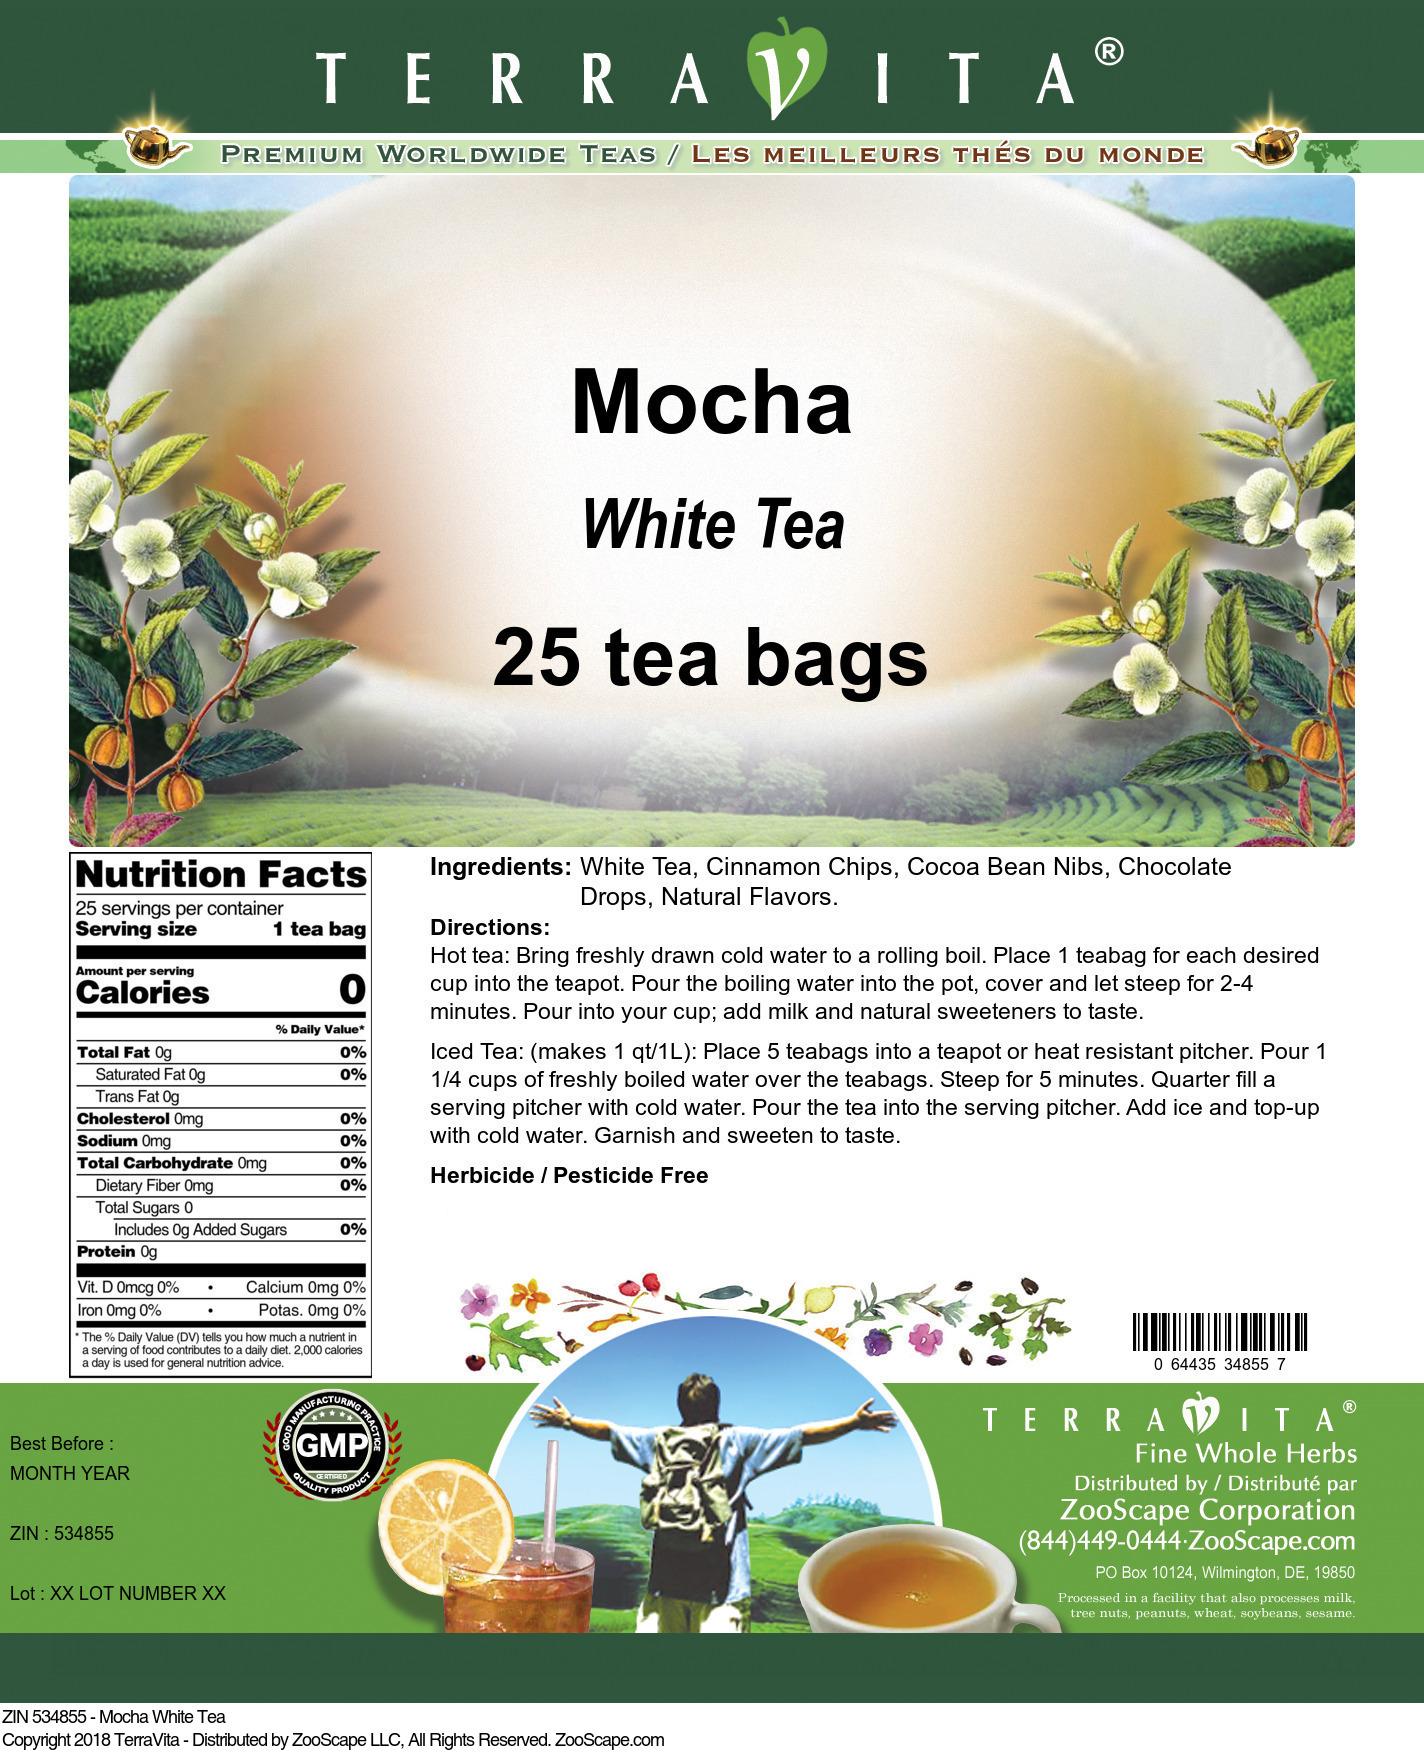 Mocha White Tea